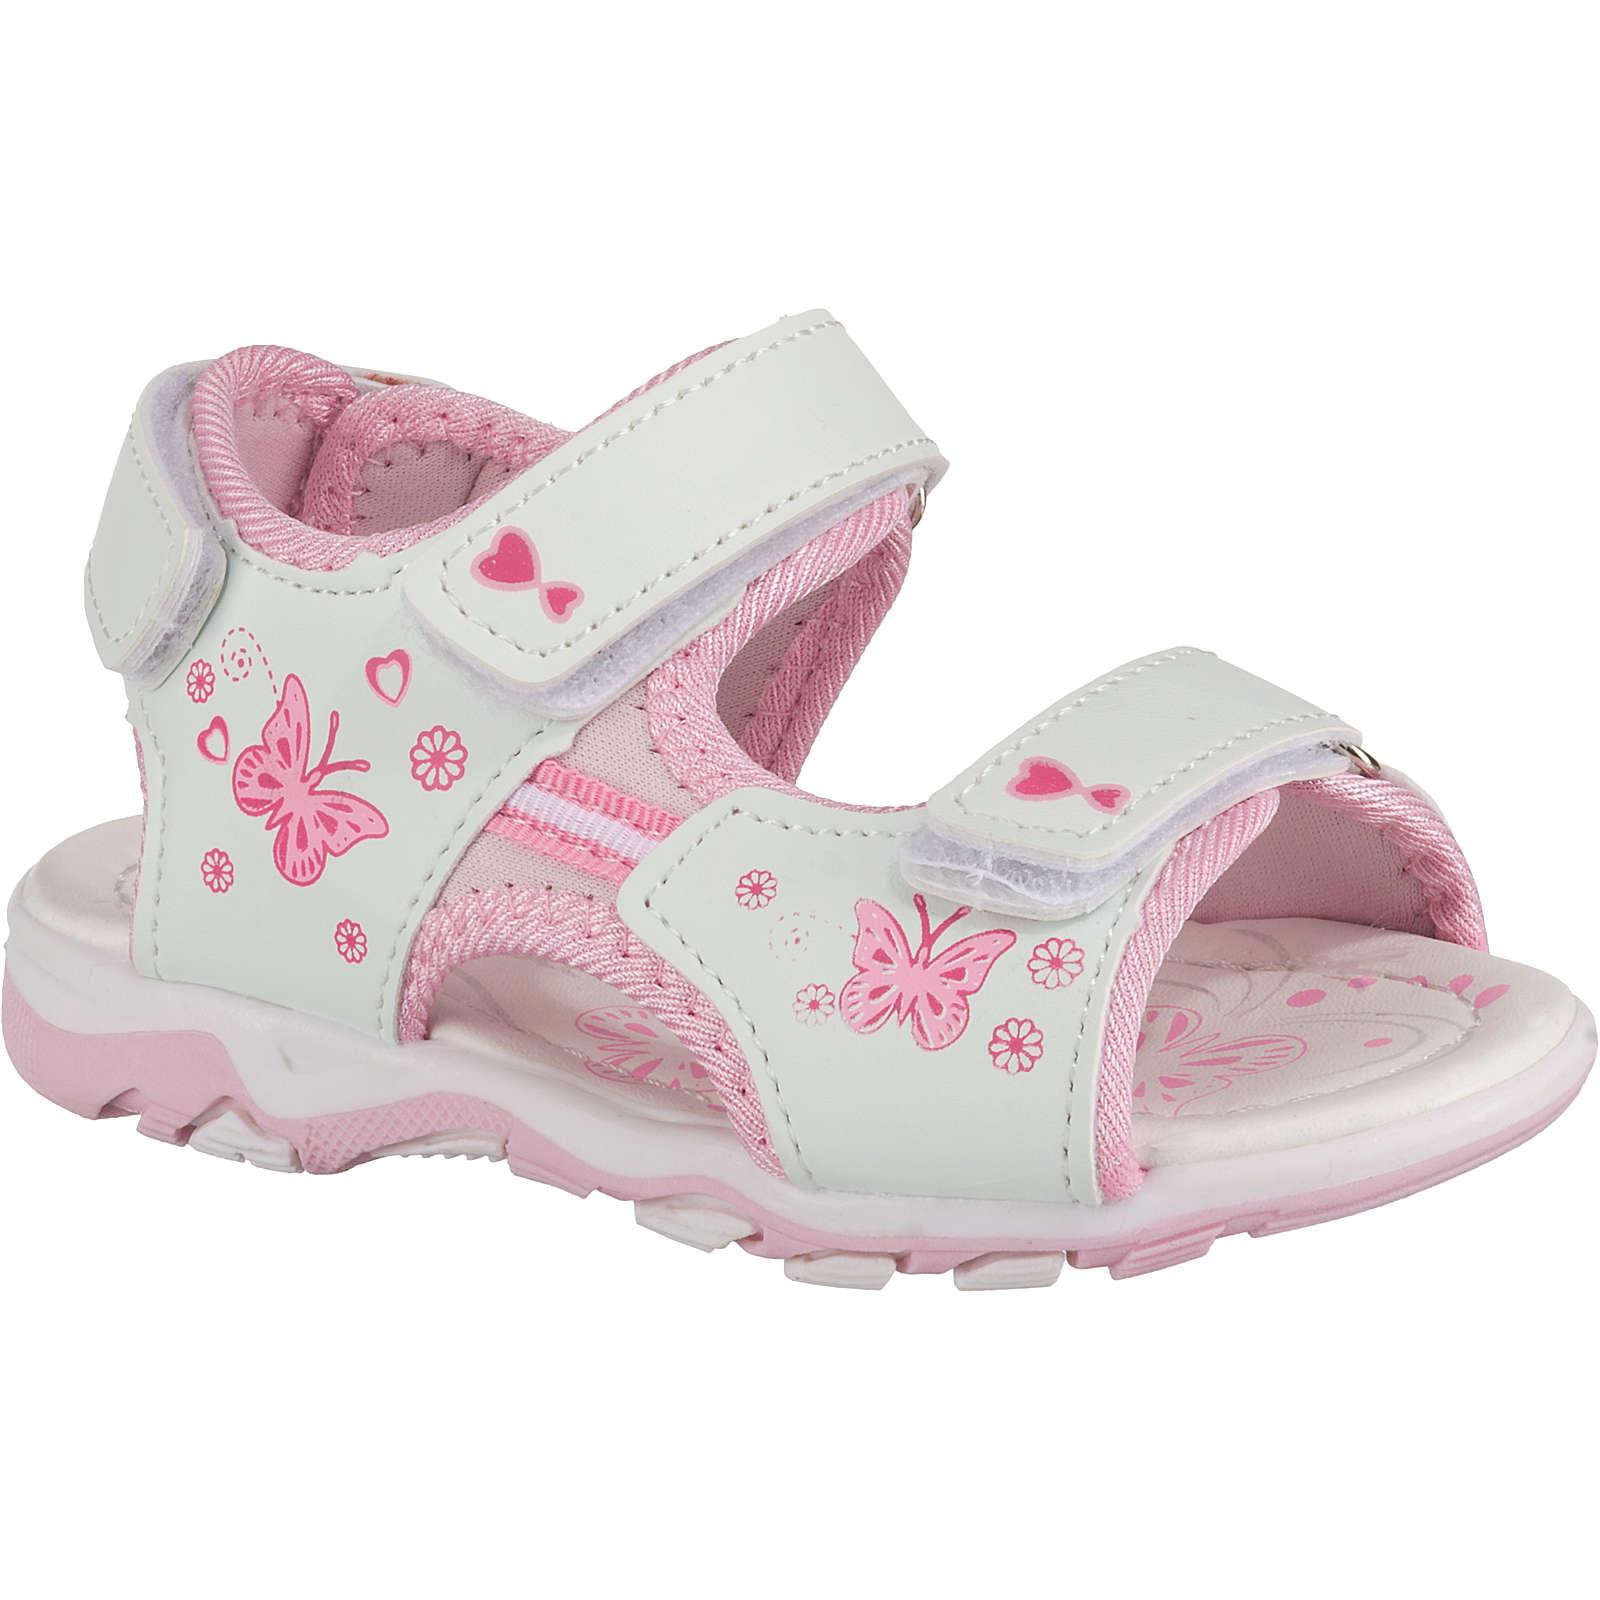 Happy Bee Sandalen Kids Sandals Sandals sportif outsole für Mädchen weiß Mädchen Gr. 20